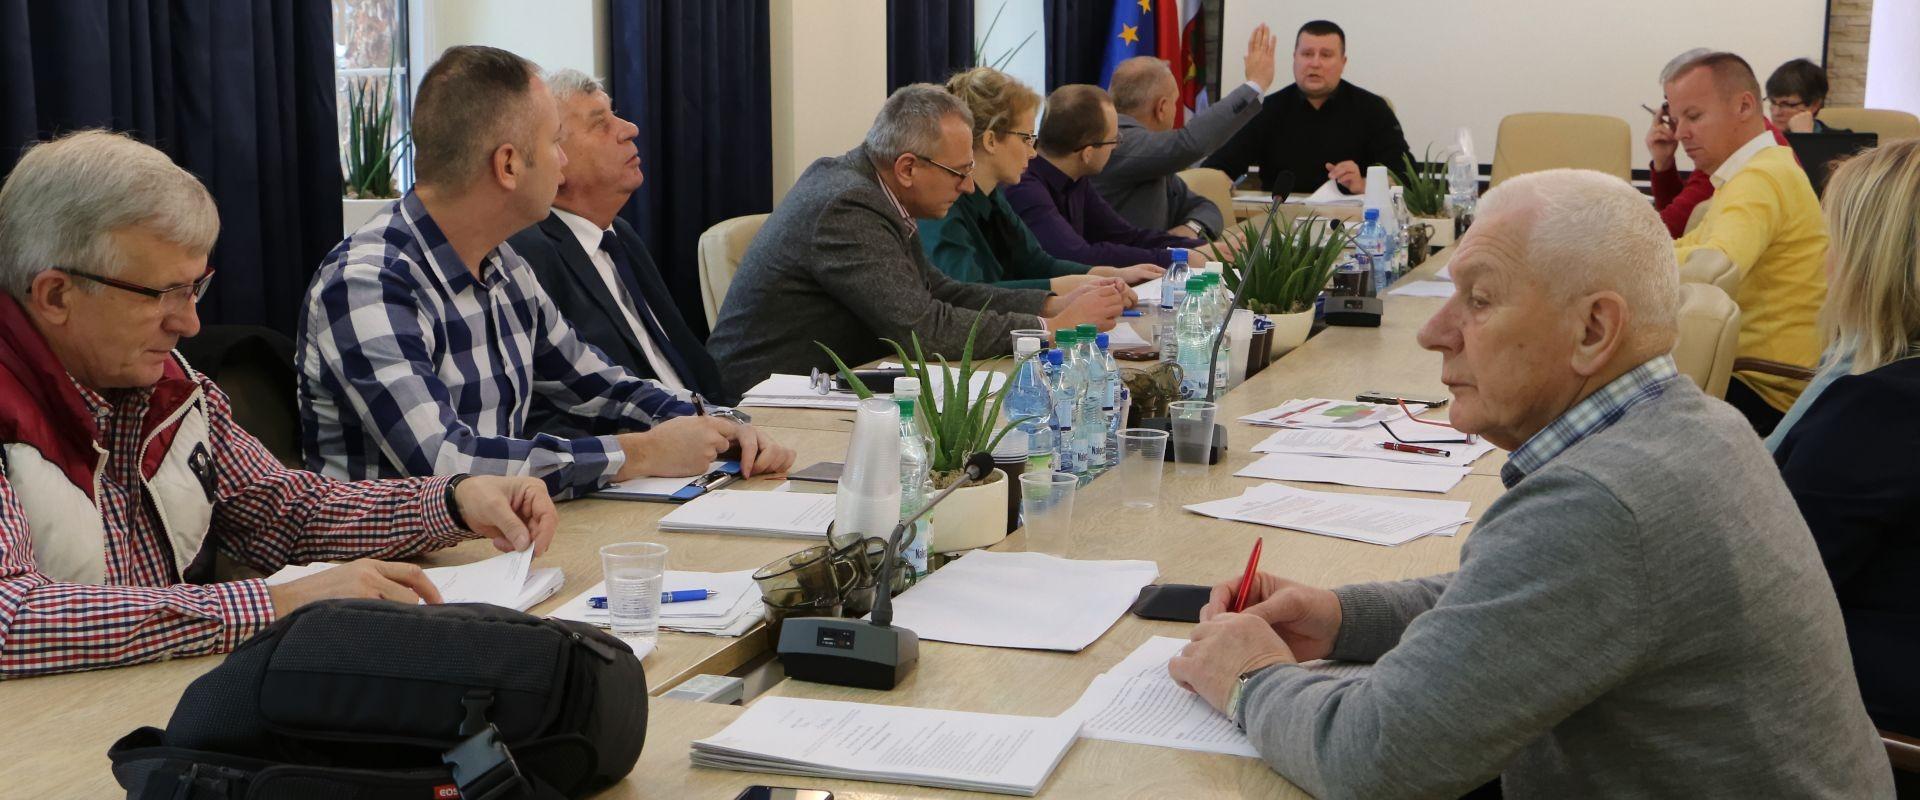 Remonty dróg, inwestycje, realizacja projektów, plan pracy na najbliższe 5 lat – zgodni radni na posiedzeniu połączonych komisji